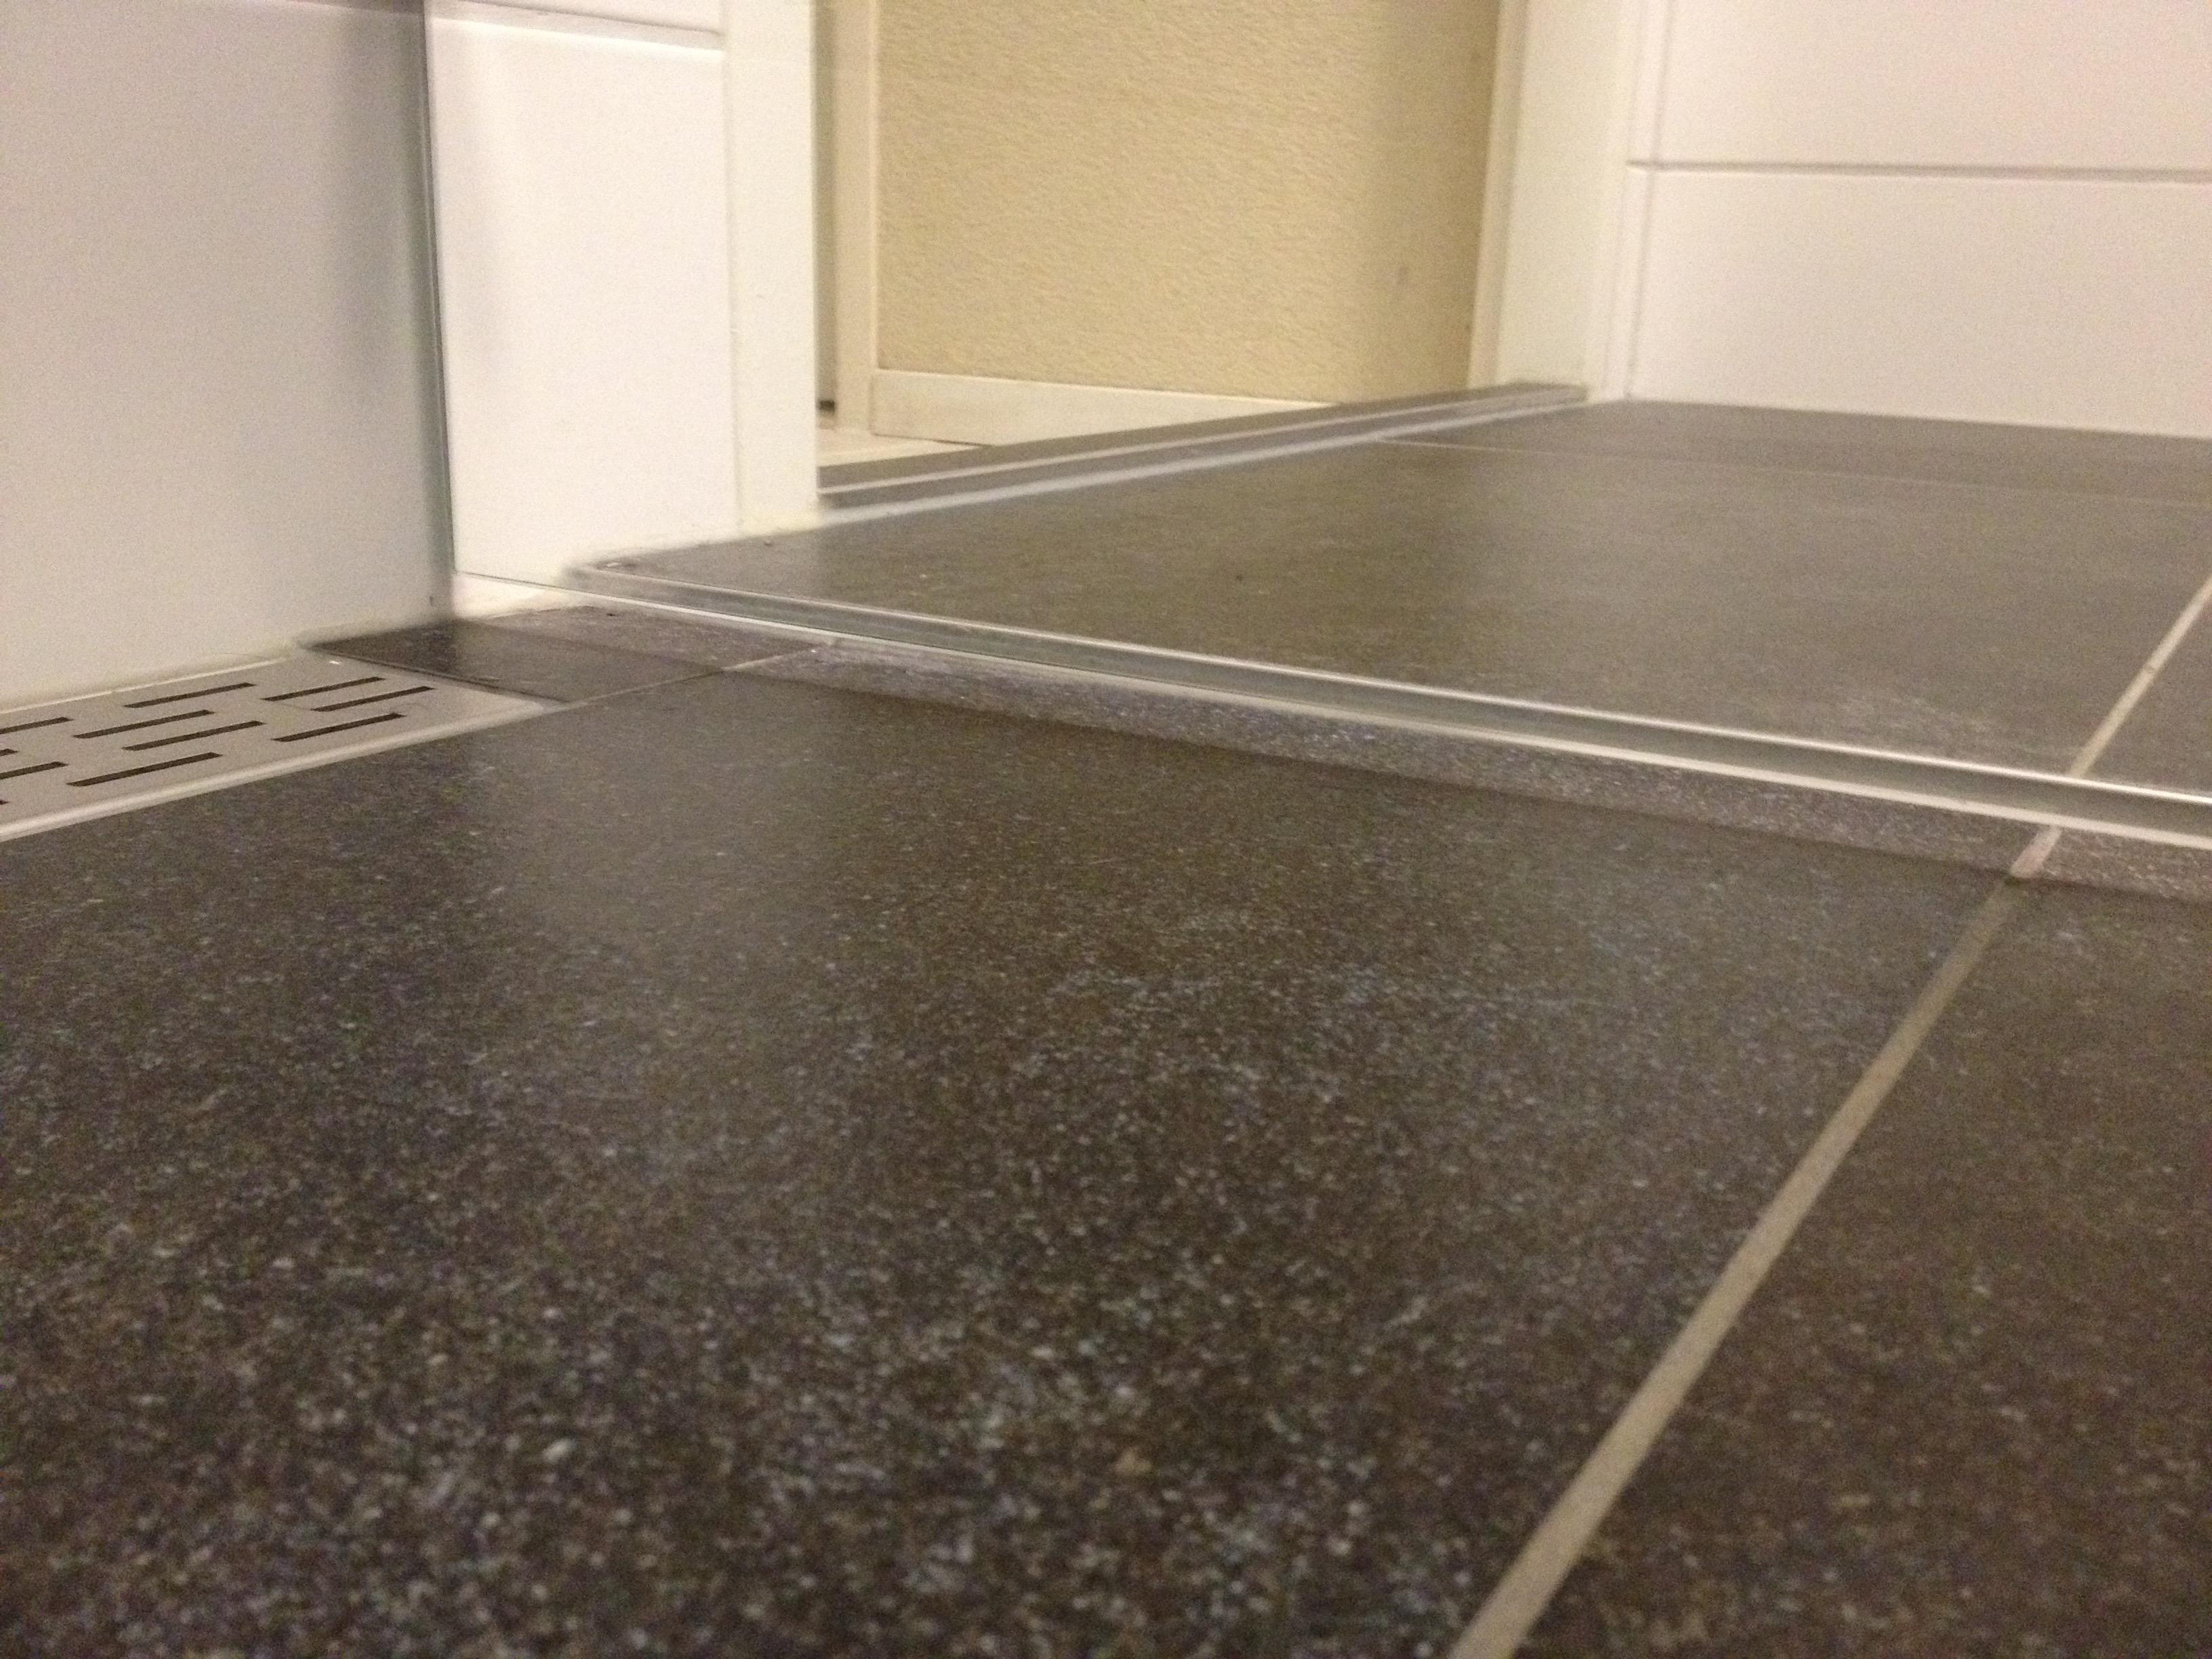 Badkamer Showroom Gelderland : Badkamer in nijmegen nodig ⋆ wiesenekker badkamerconcepten